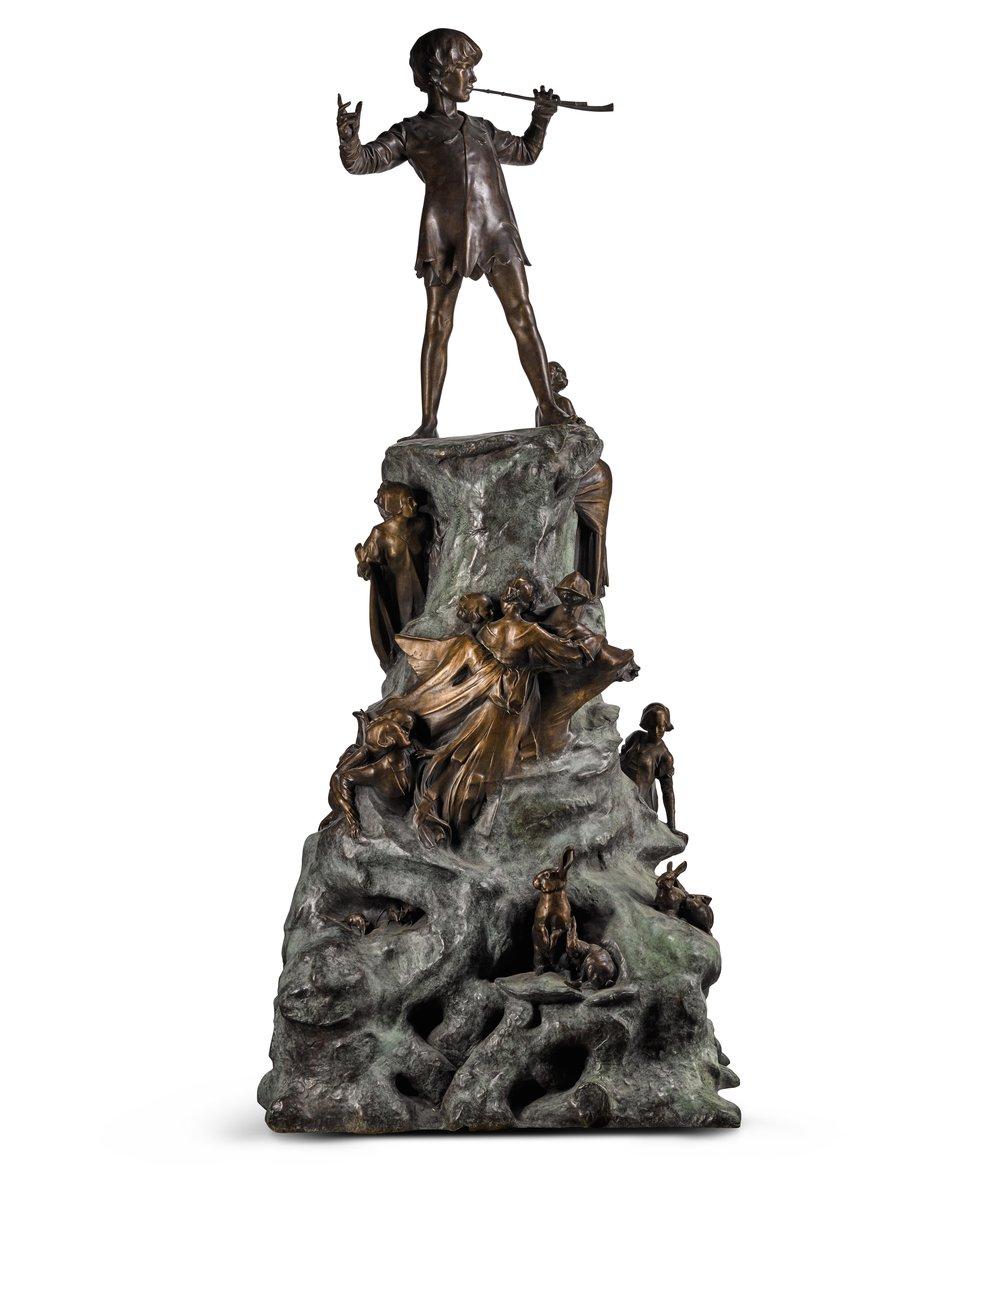 George James Frampton_Peter Pan_£80,000 - 120,000.jpg